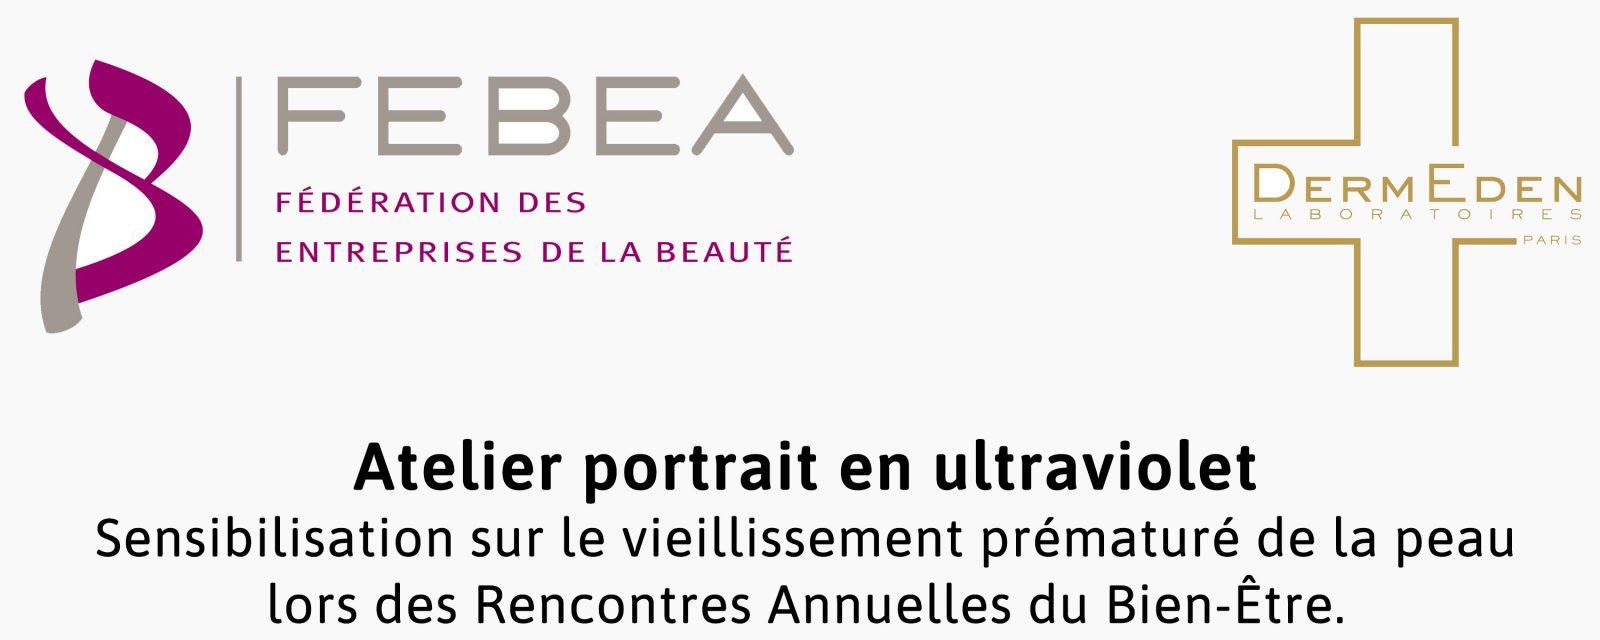 Dermeden FEBEA | Pierre-Louis Ferrer | Réalisations clients